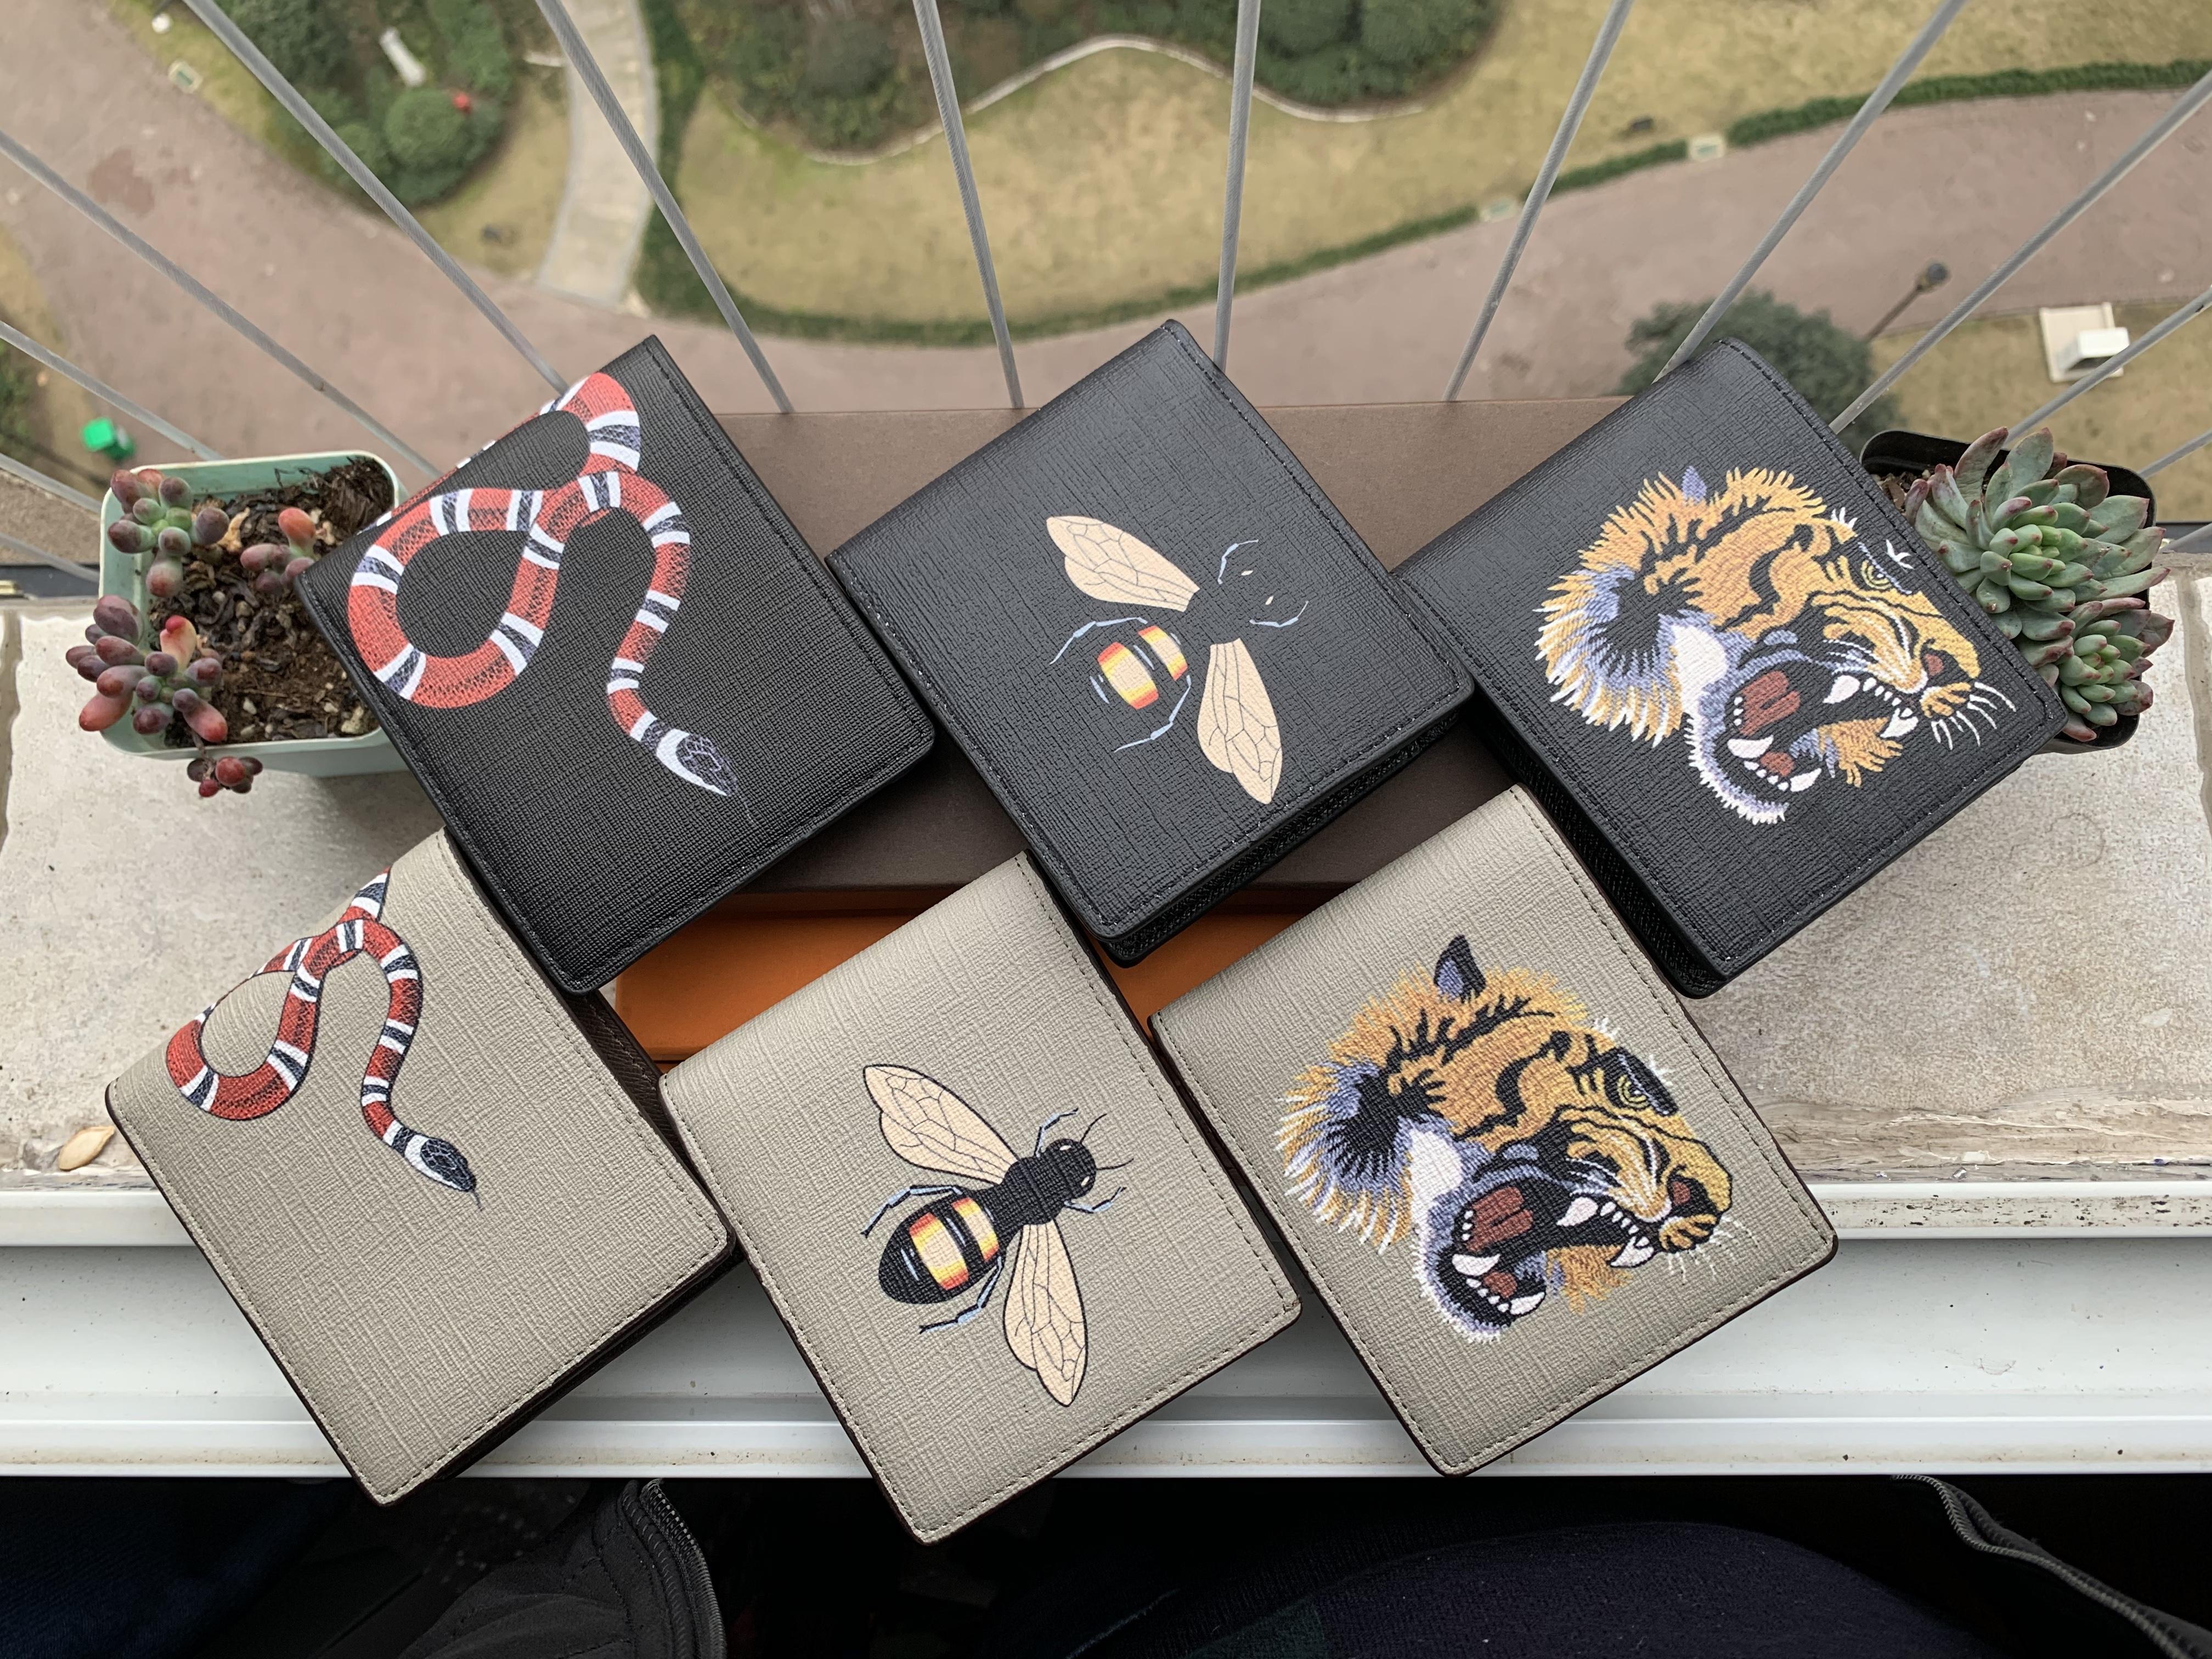 Tasarımcılar erkek tasarımcıların cüzdanlar lüks çantalar kısa cüzdanlar tasarımcıları kart sahibinin erkekler uzun katlanmış cüzdanlar mens cüzdanlar